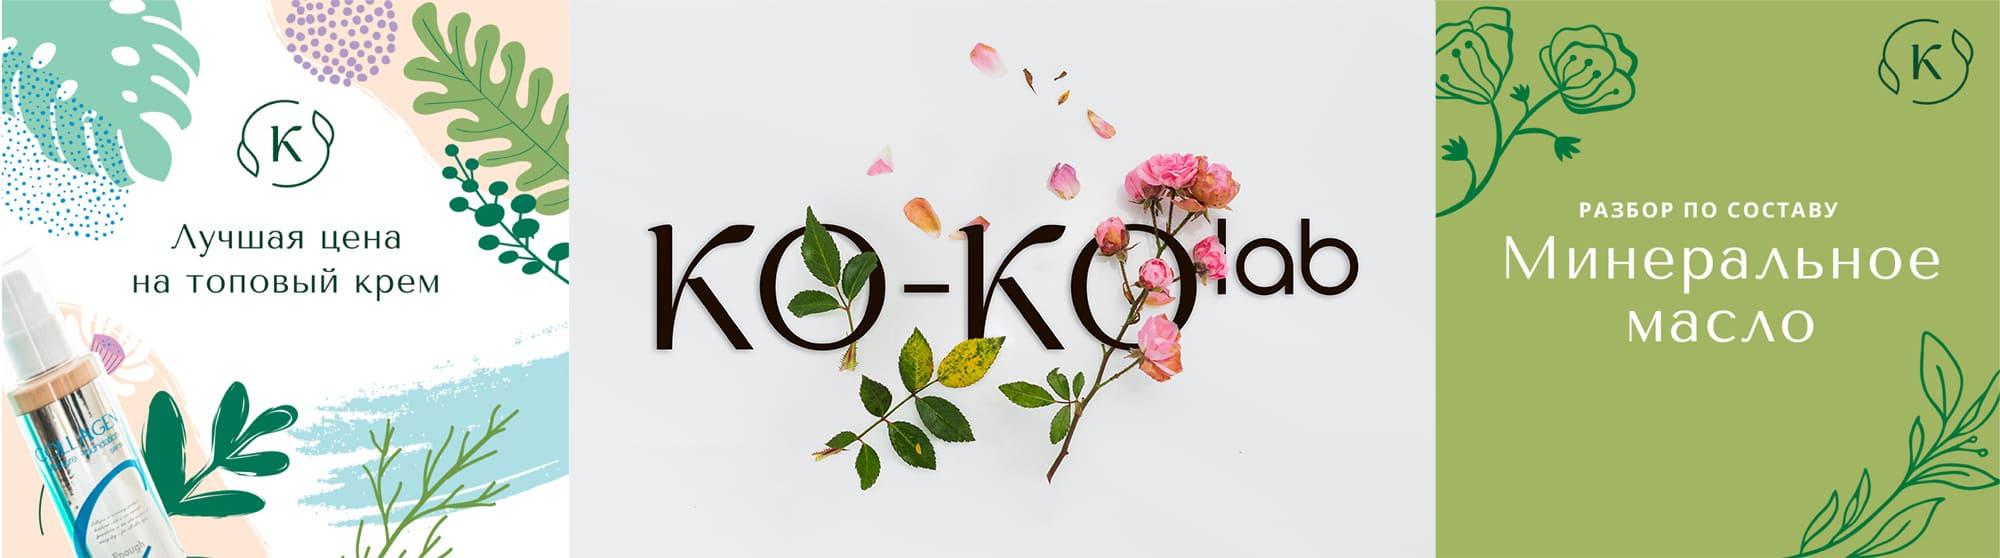 создание бренда магазина корейской косметики под ключ